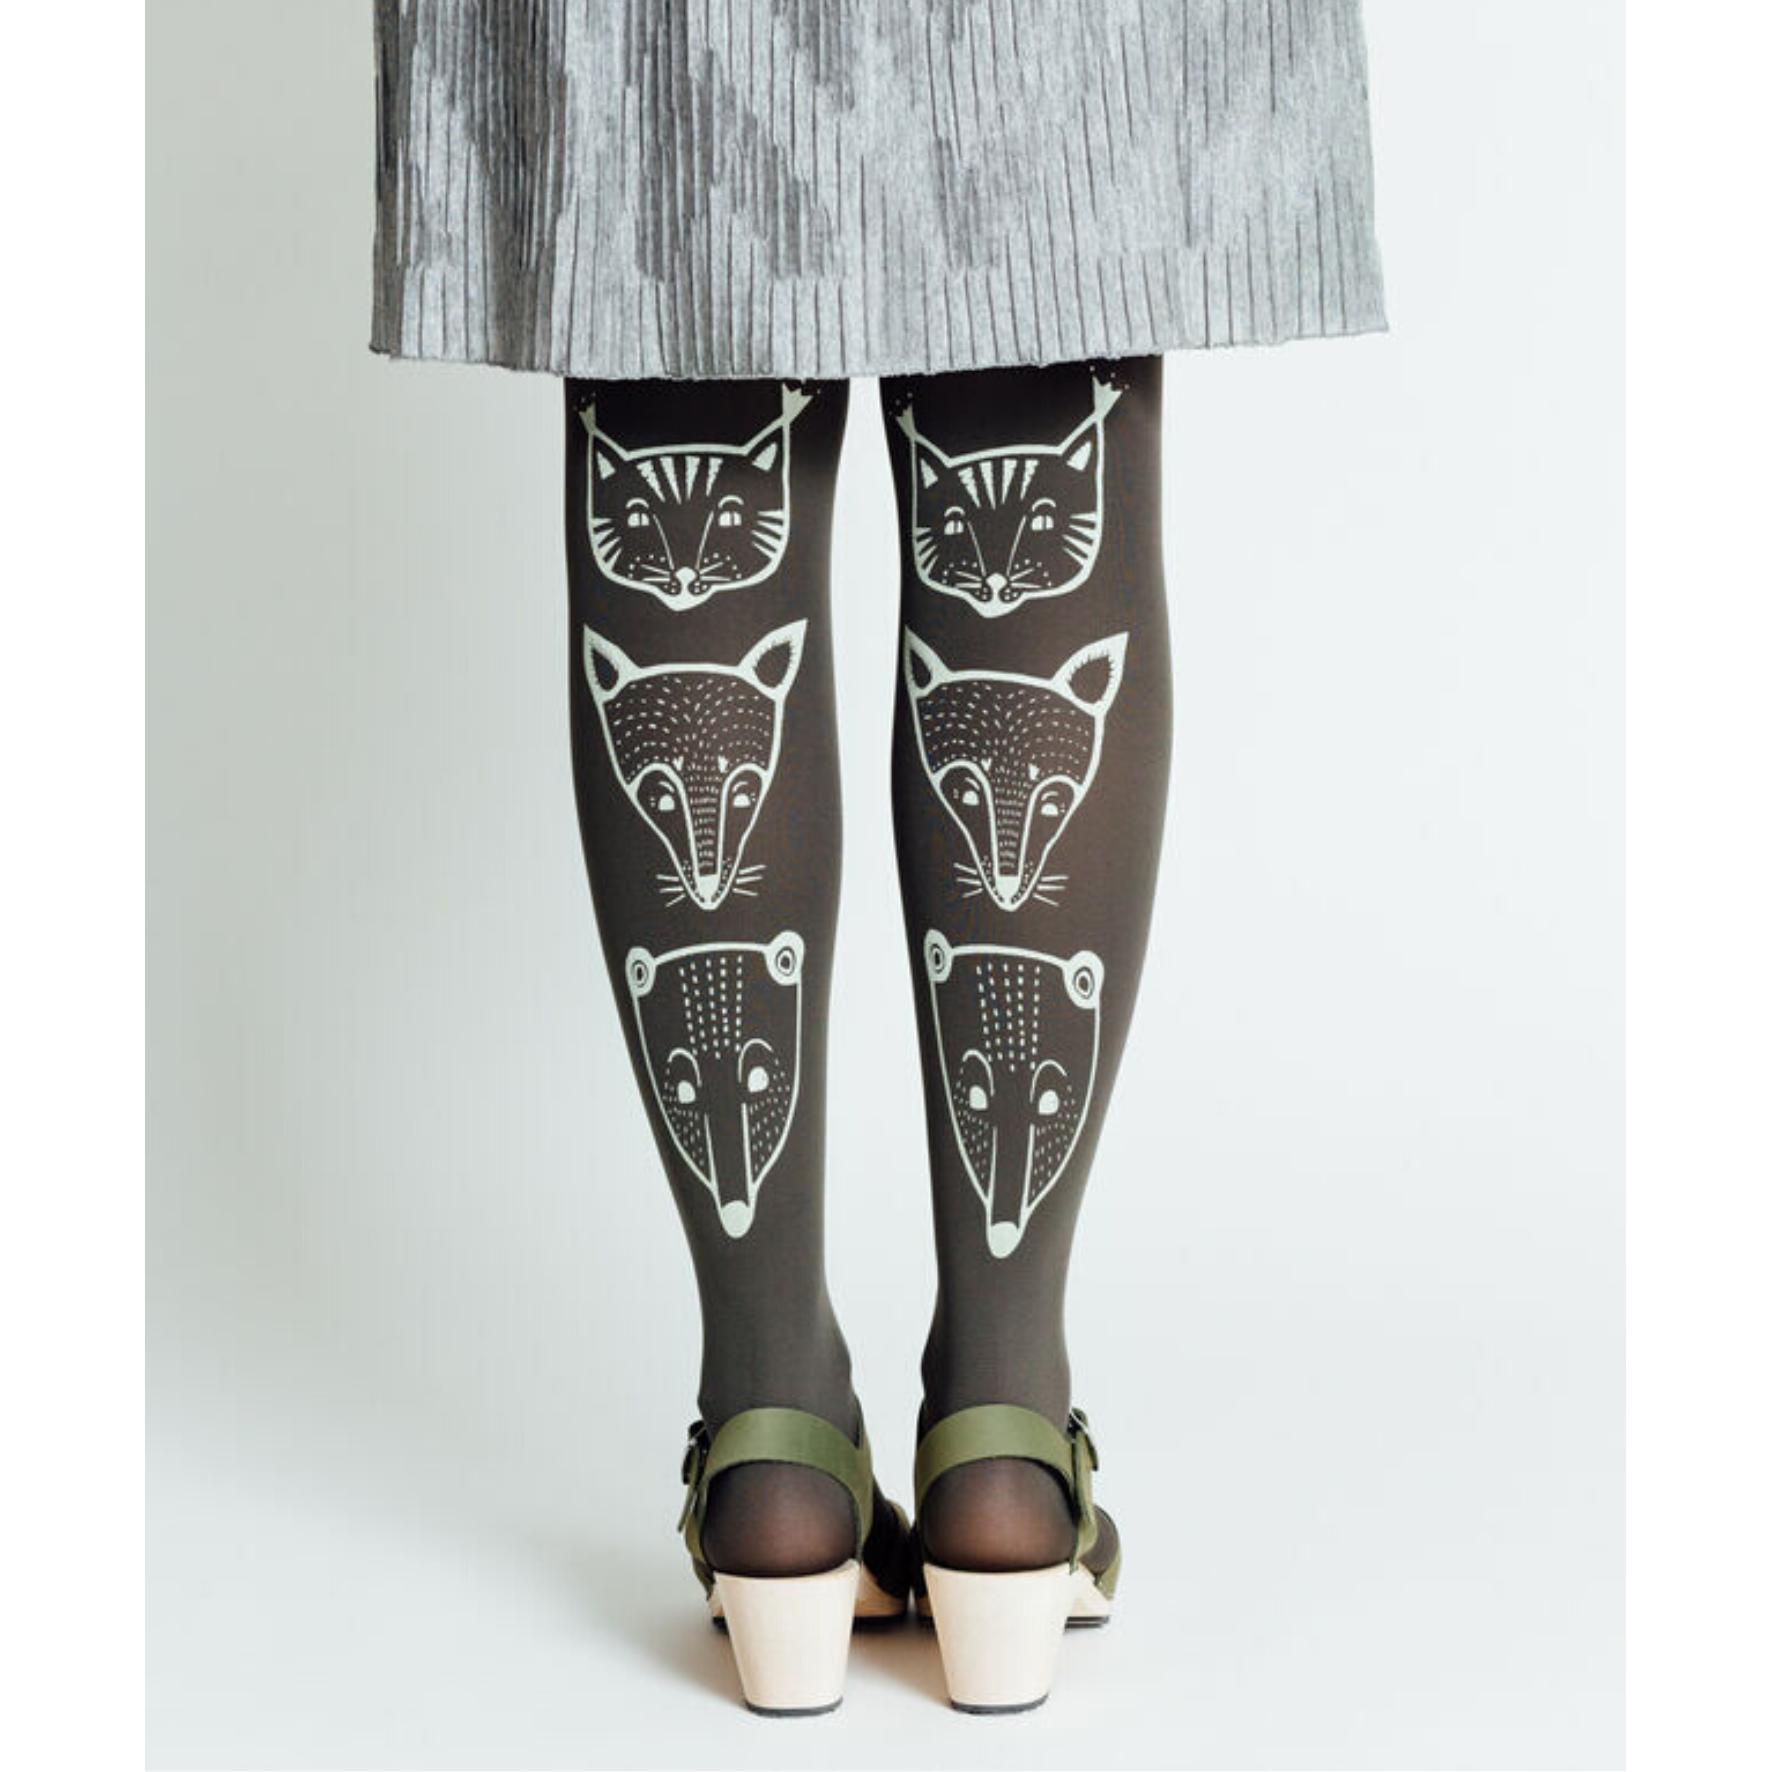 Salvian väriset toteemieläin sukkahousut - Mary a. Jalava